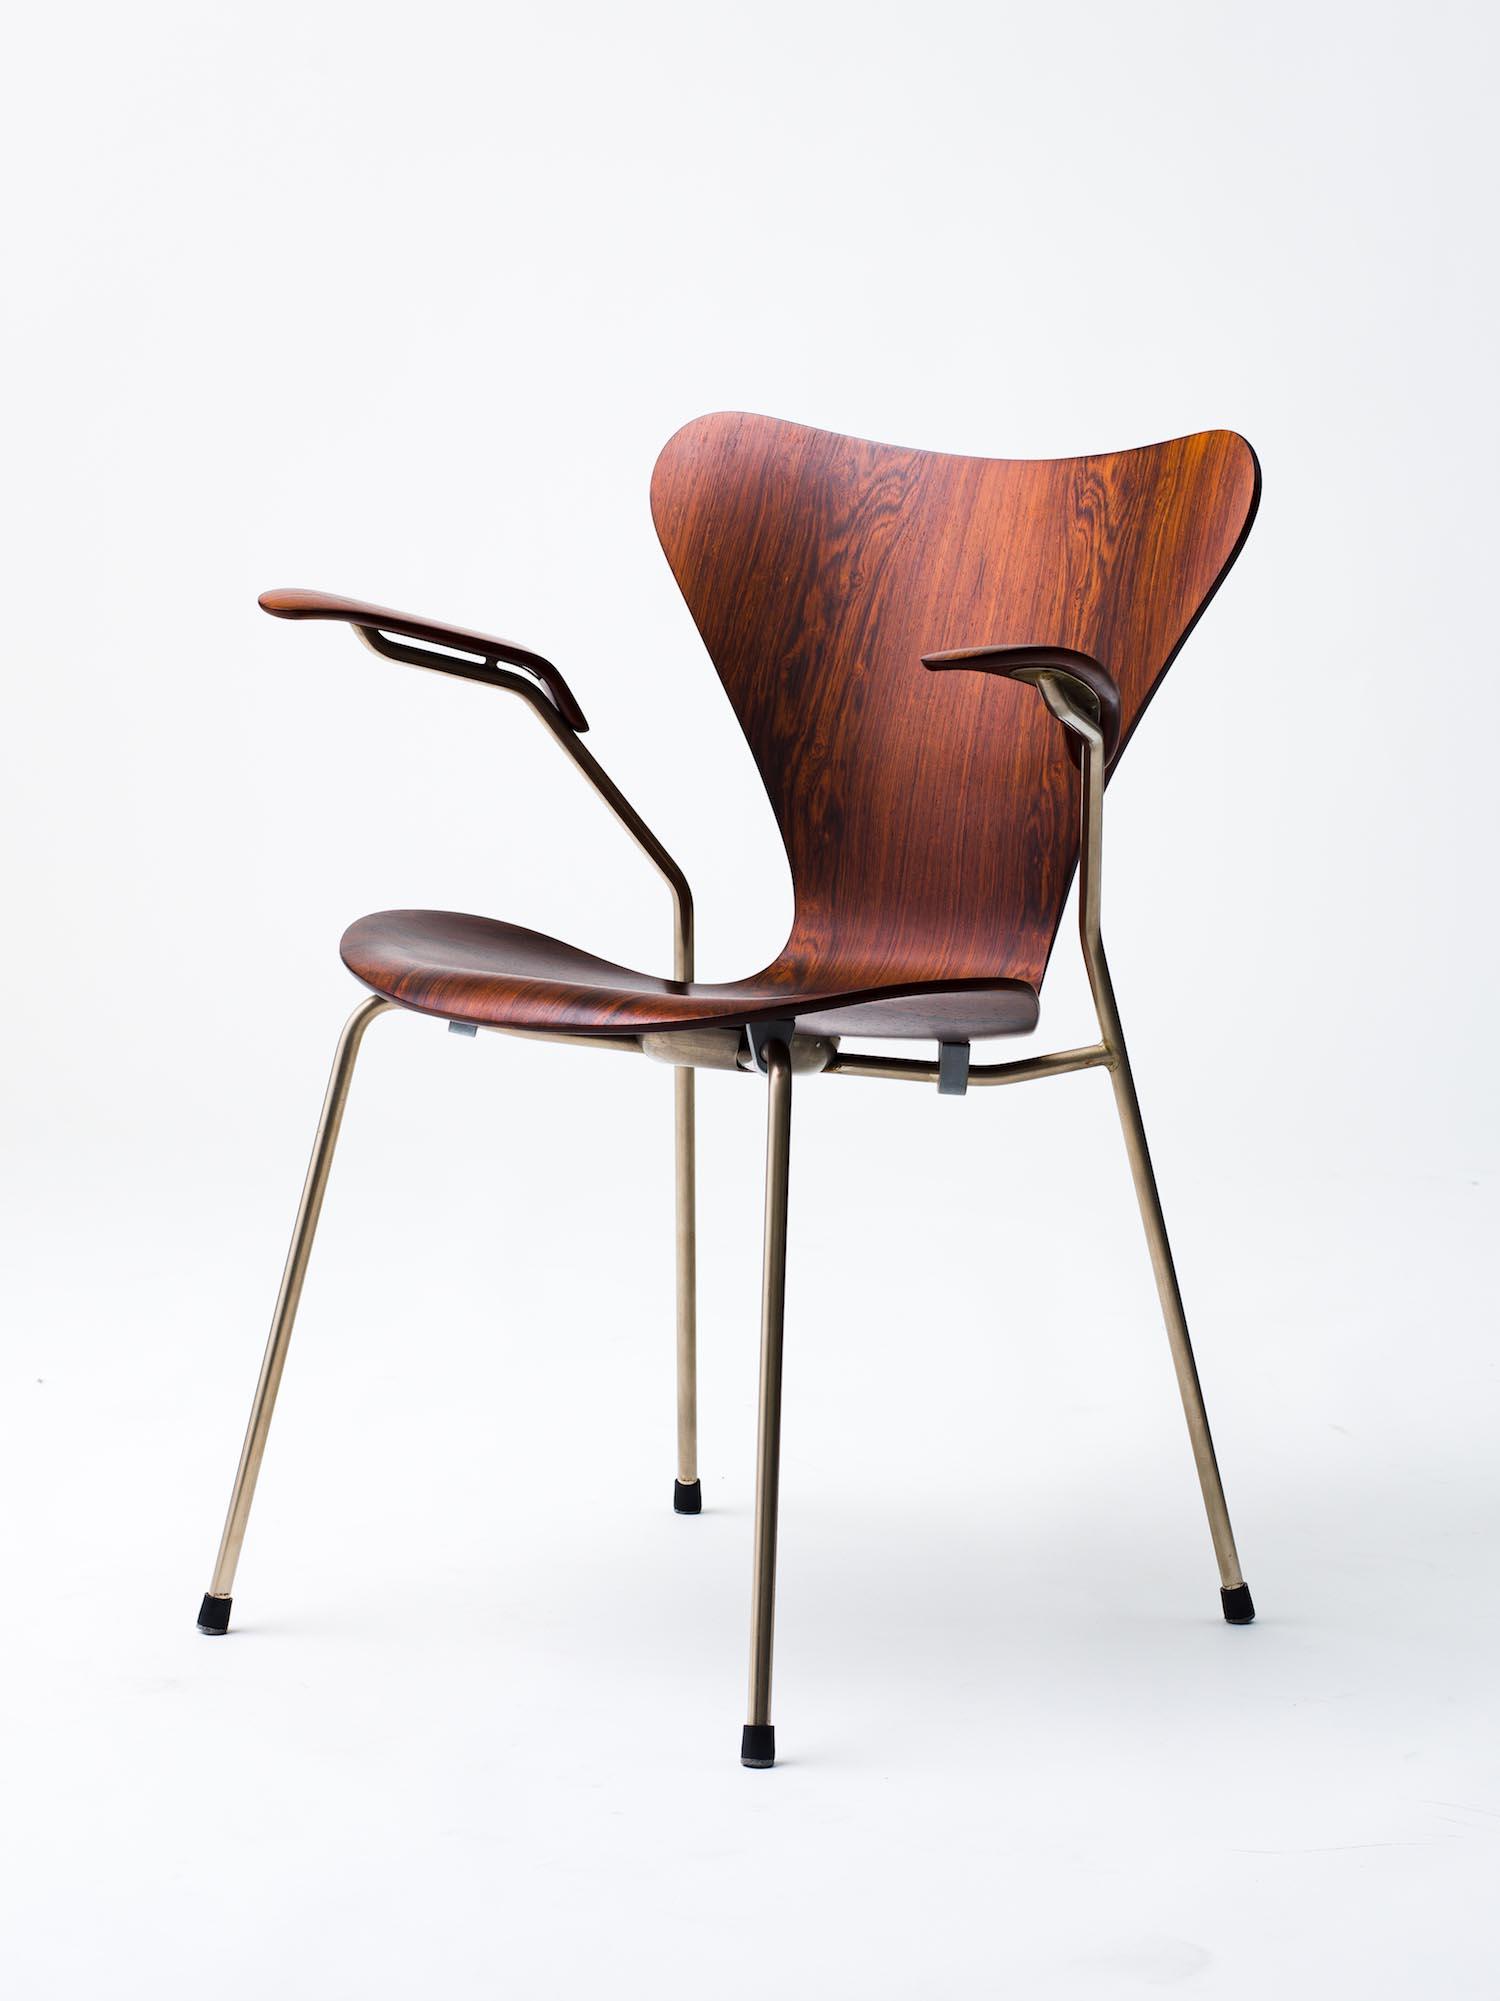 8 arm chair ¥319,000